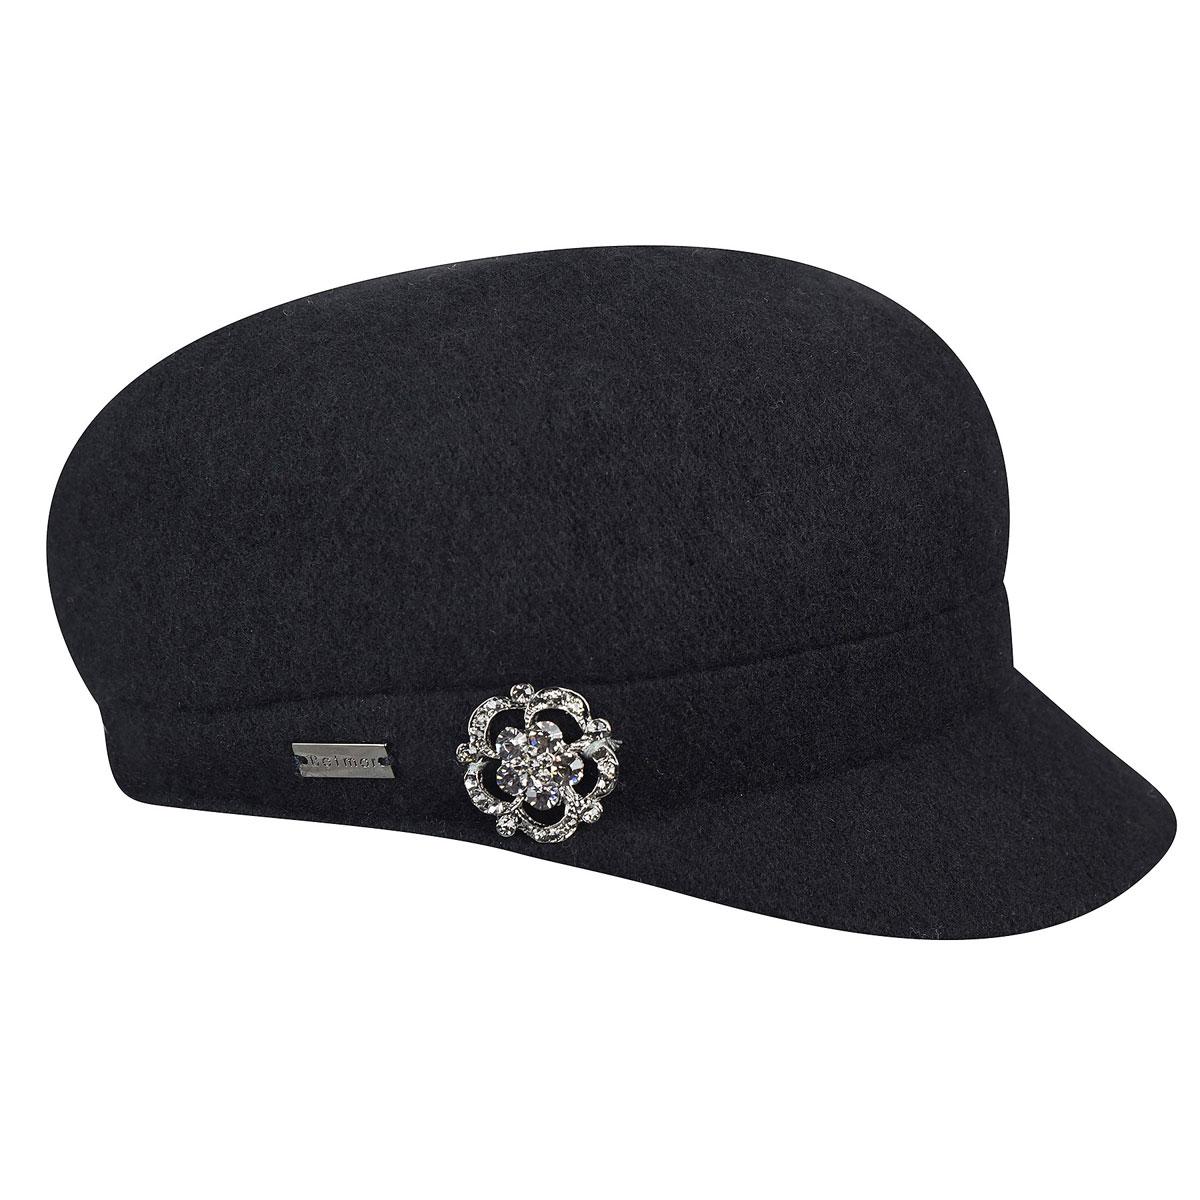 Betmar Crystal Fashion Cap in Black